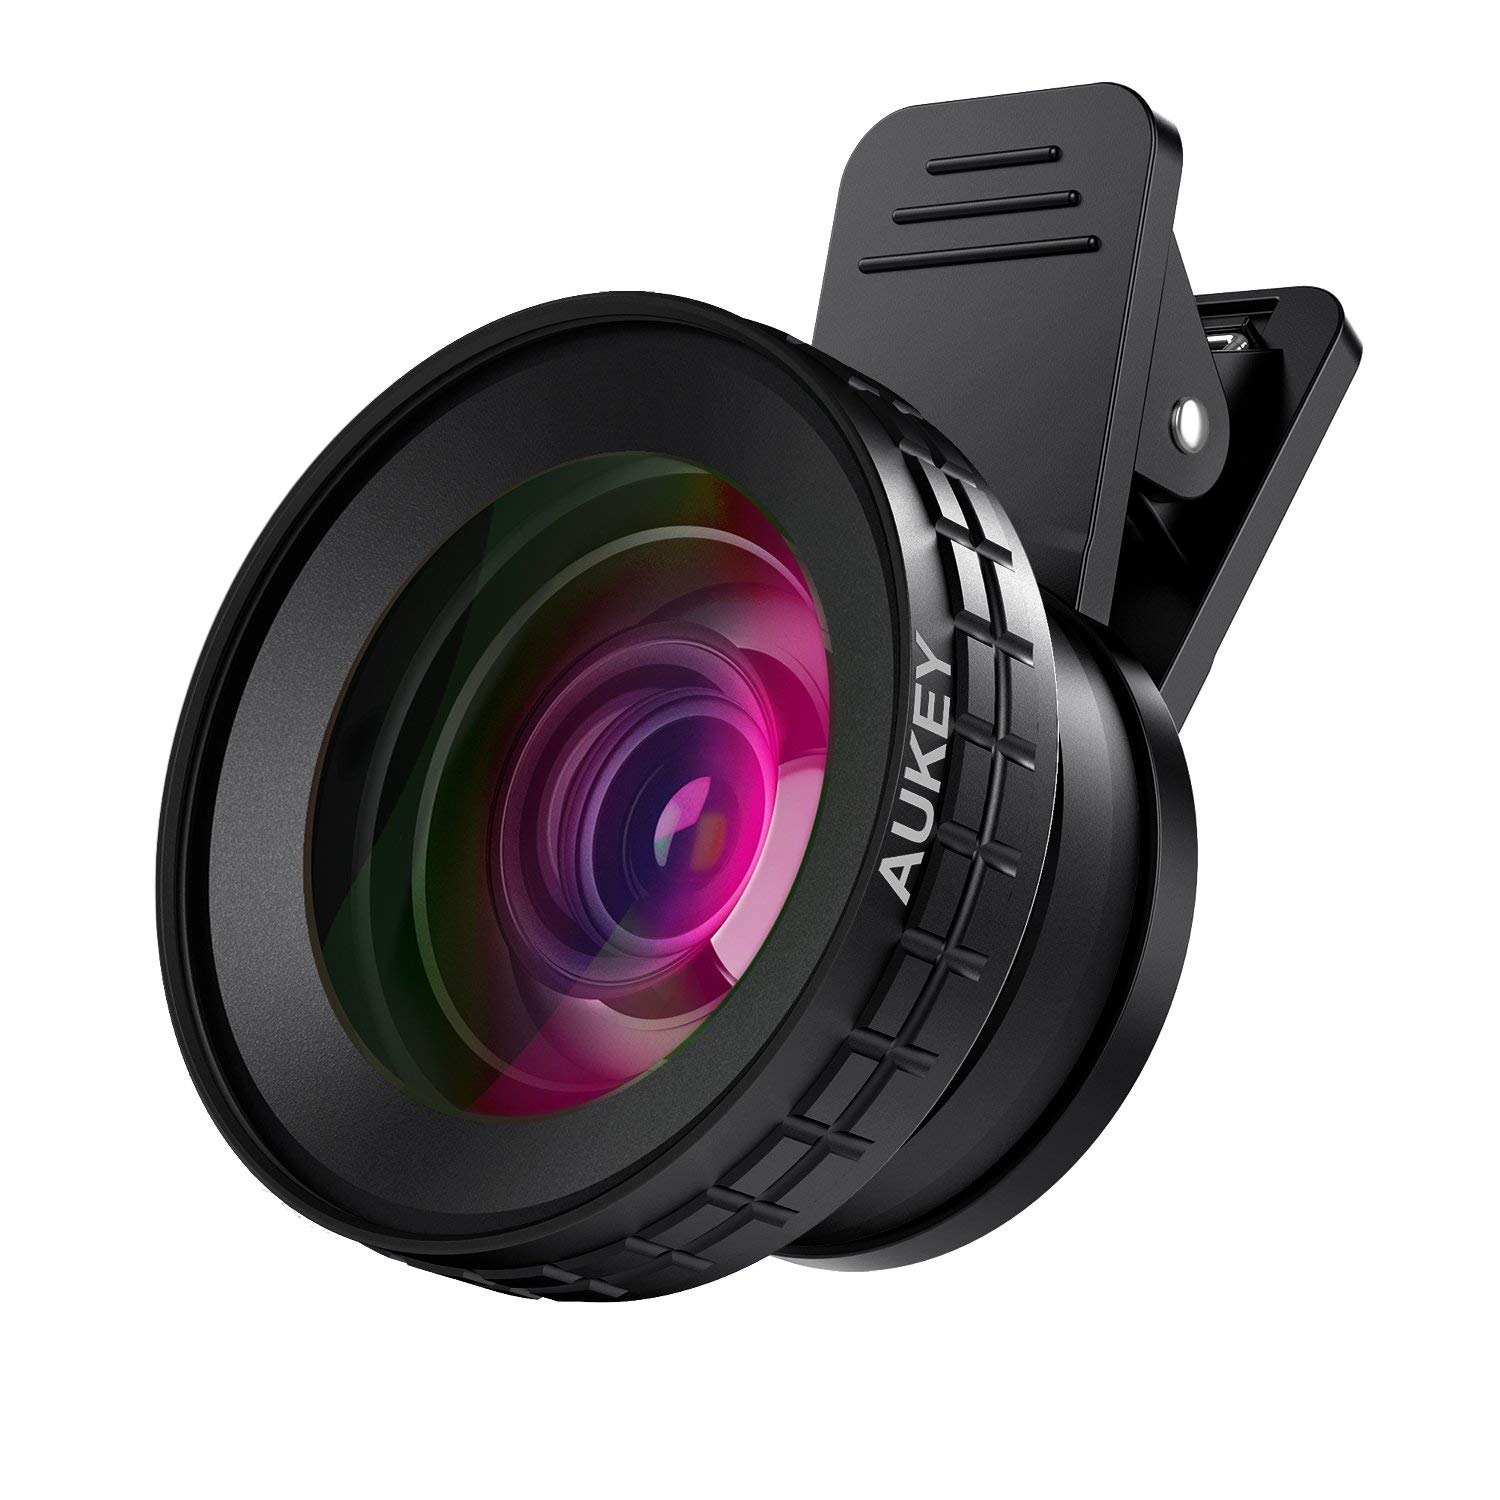 Phone Camera Lens Review